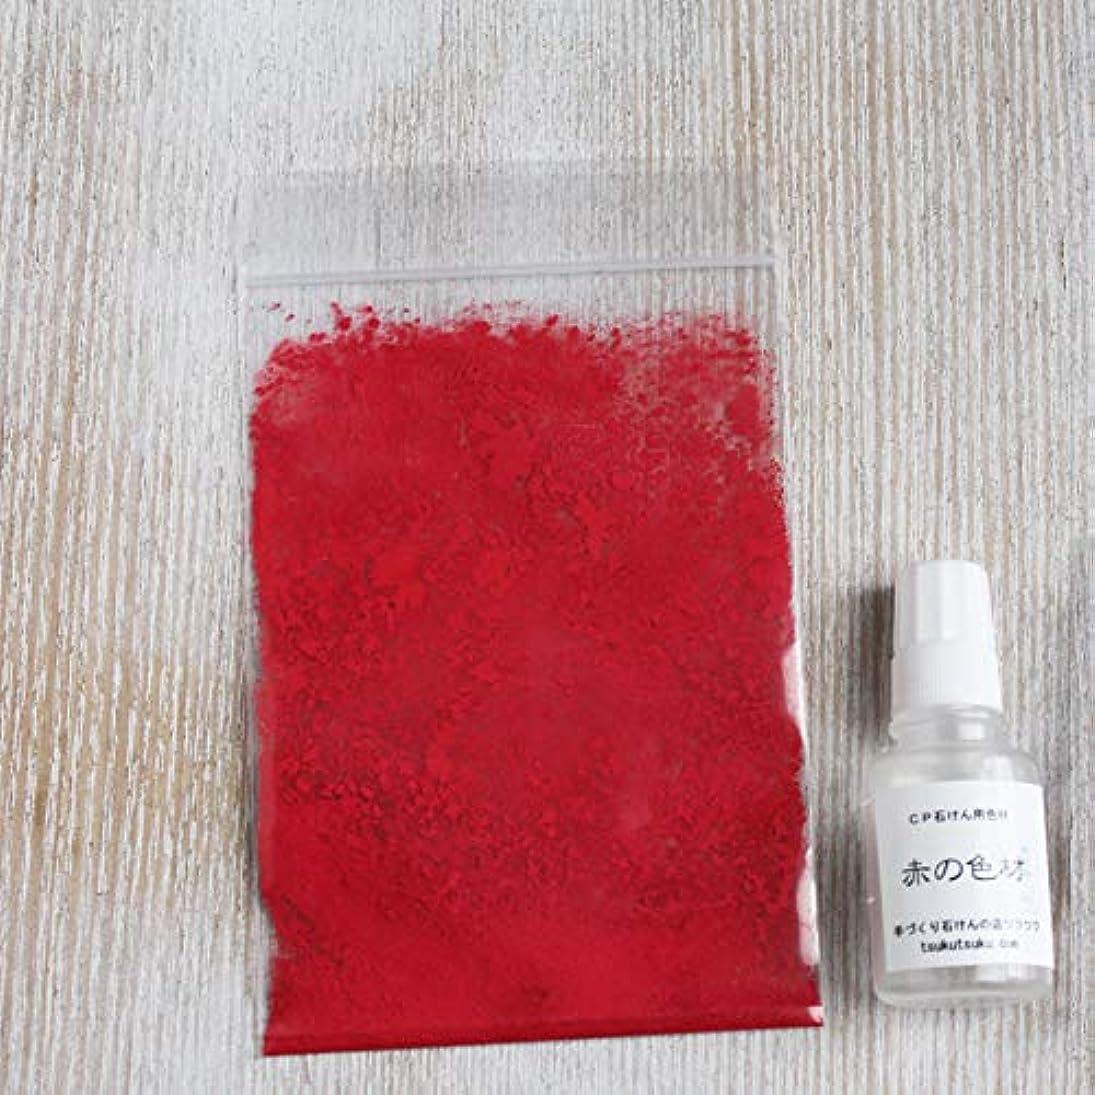 削減フリース遺棄されたCP石けん用色材 赤の色材キット/手作り石けん?手作り化粧品材料